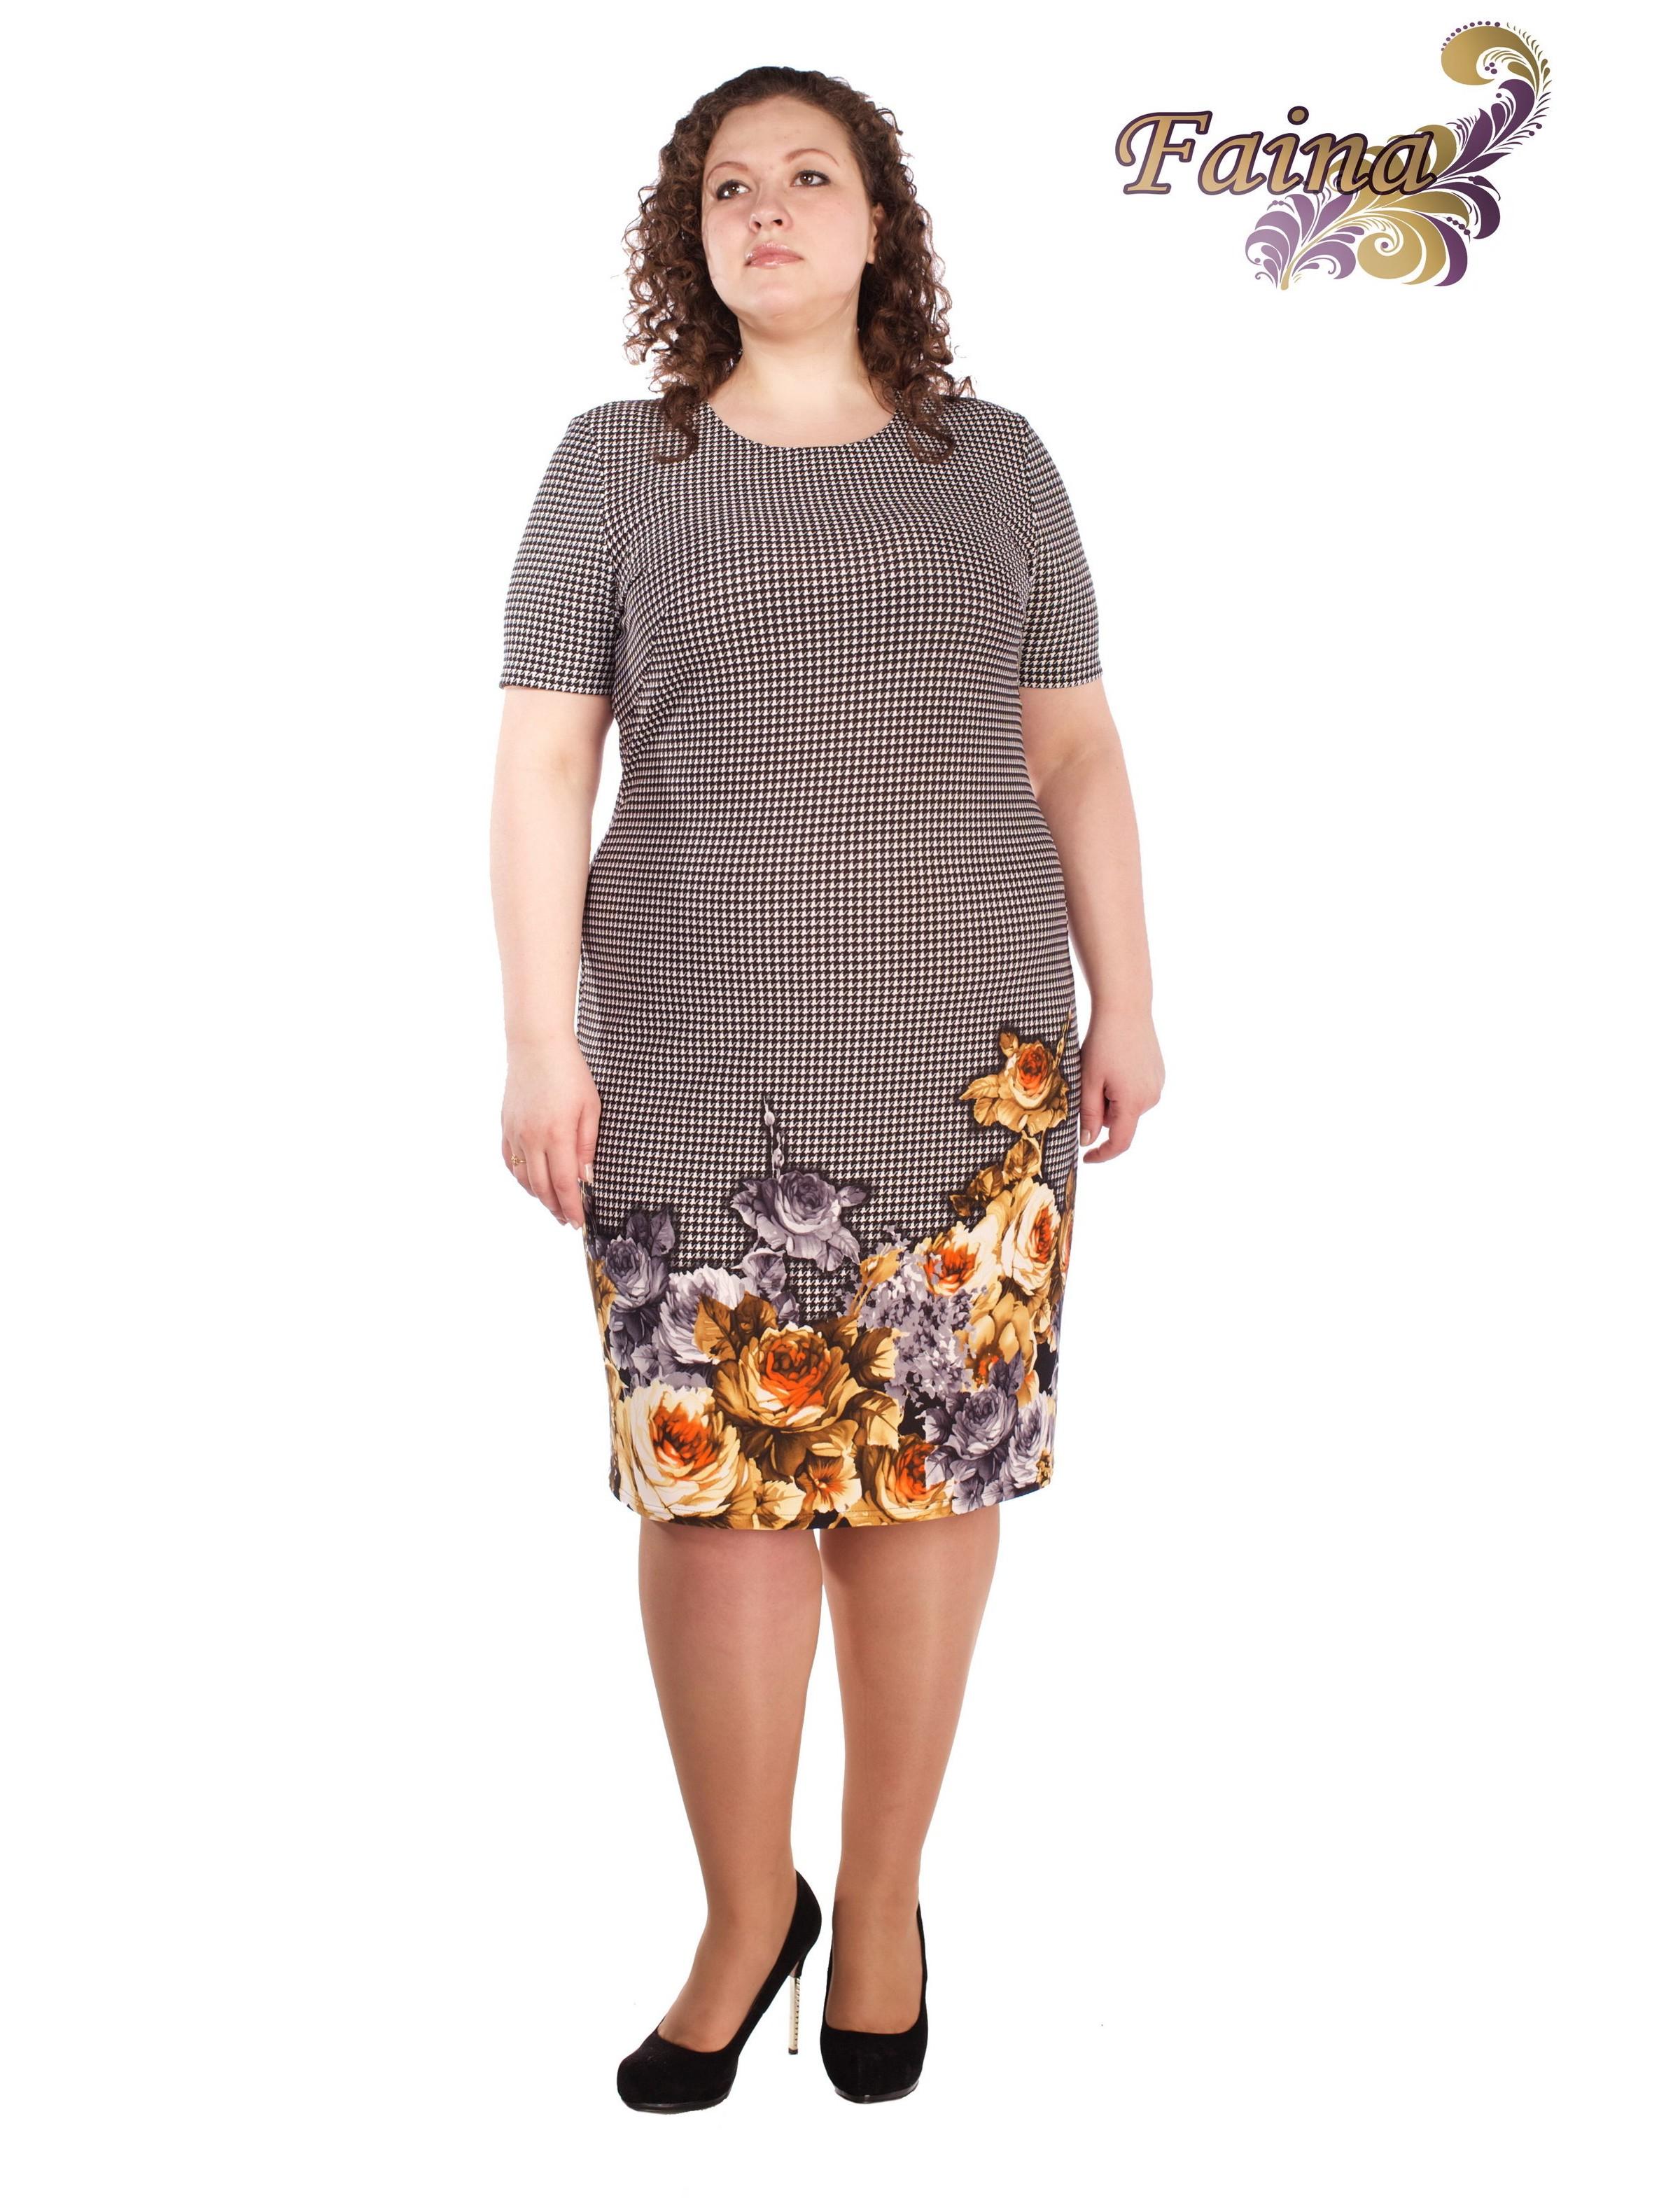 Одежда Онлайн Больших Размеров С Доставкой